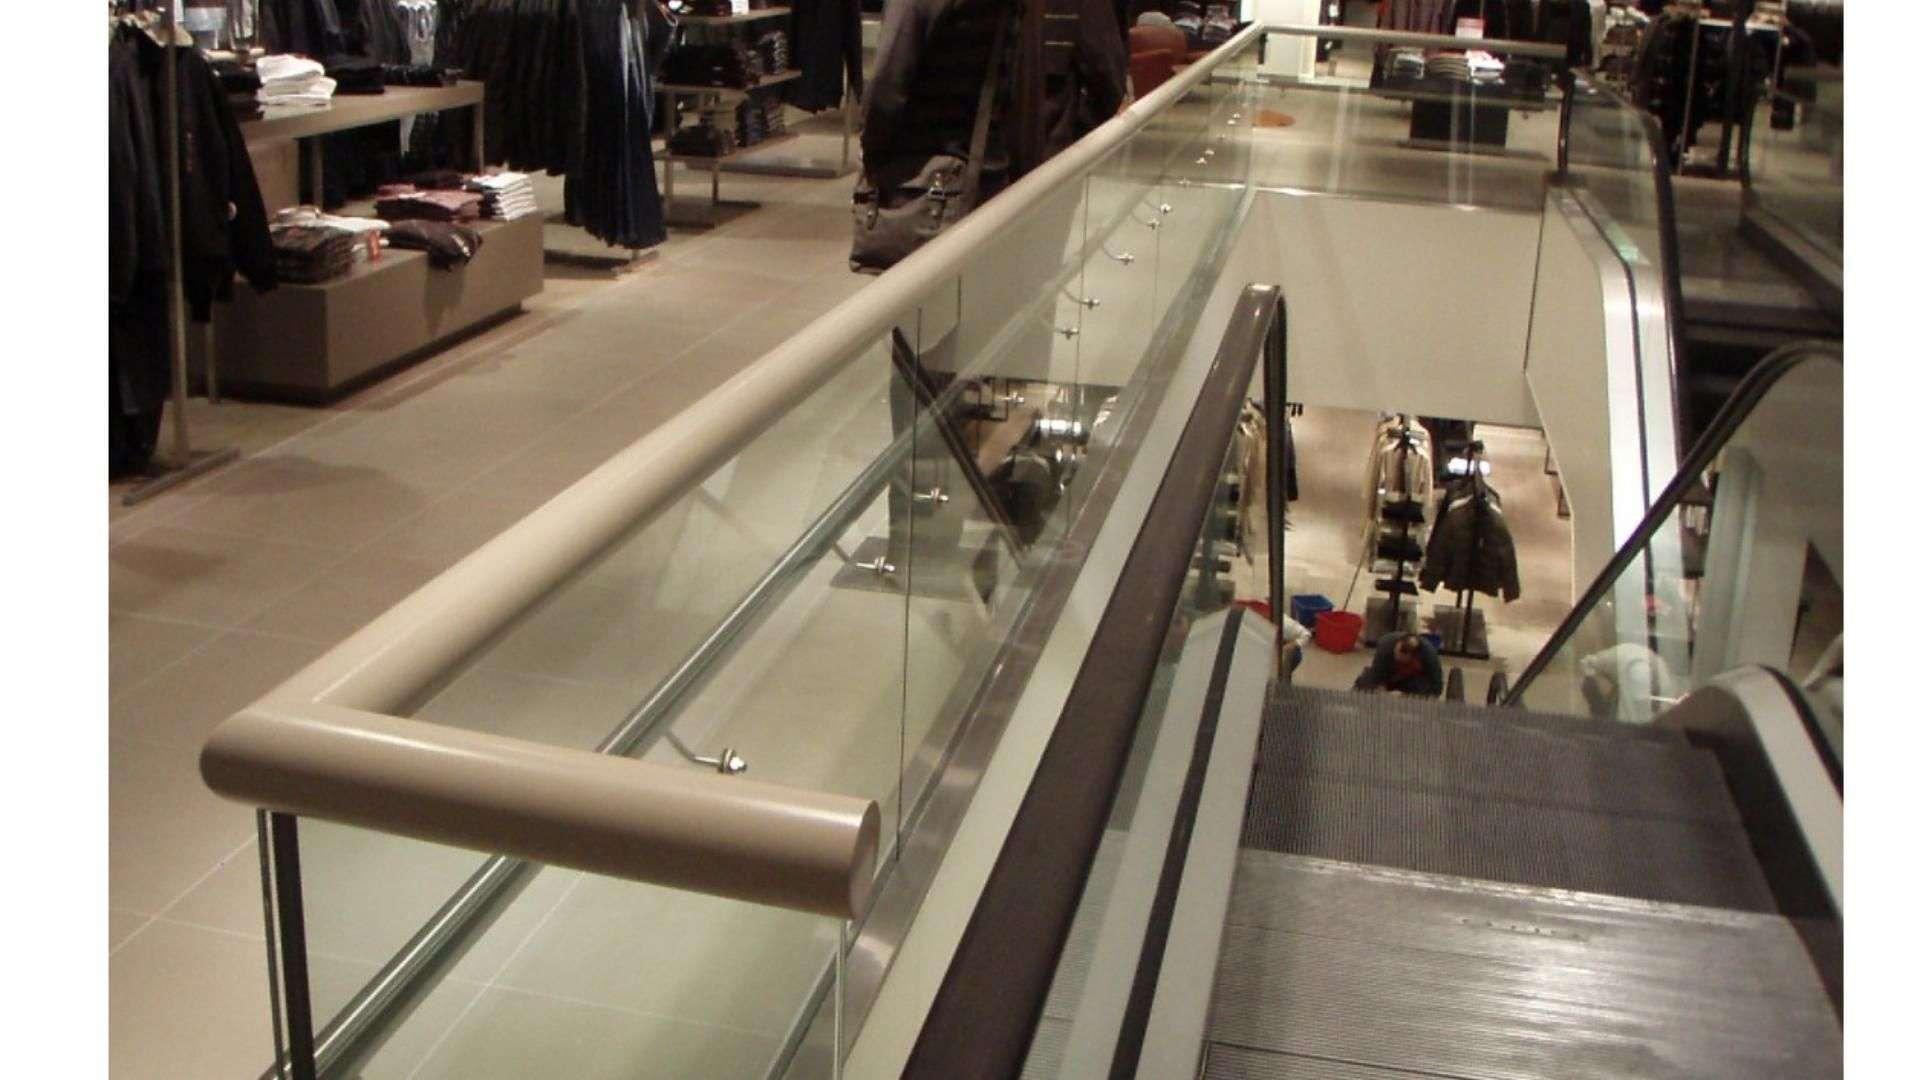 Glasgeländer um ein Treppenhaus mit Rolltreppen